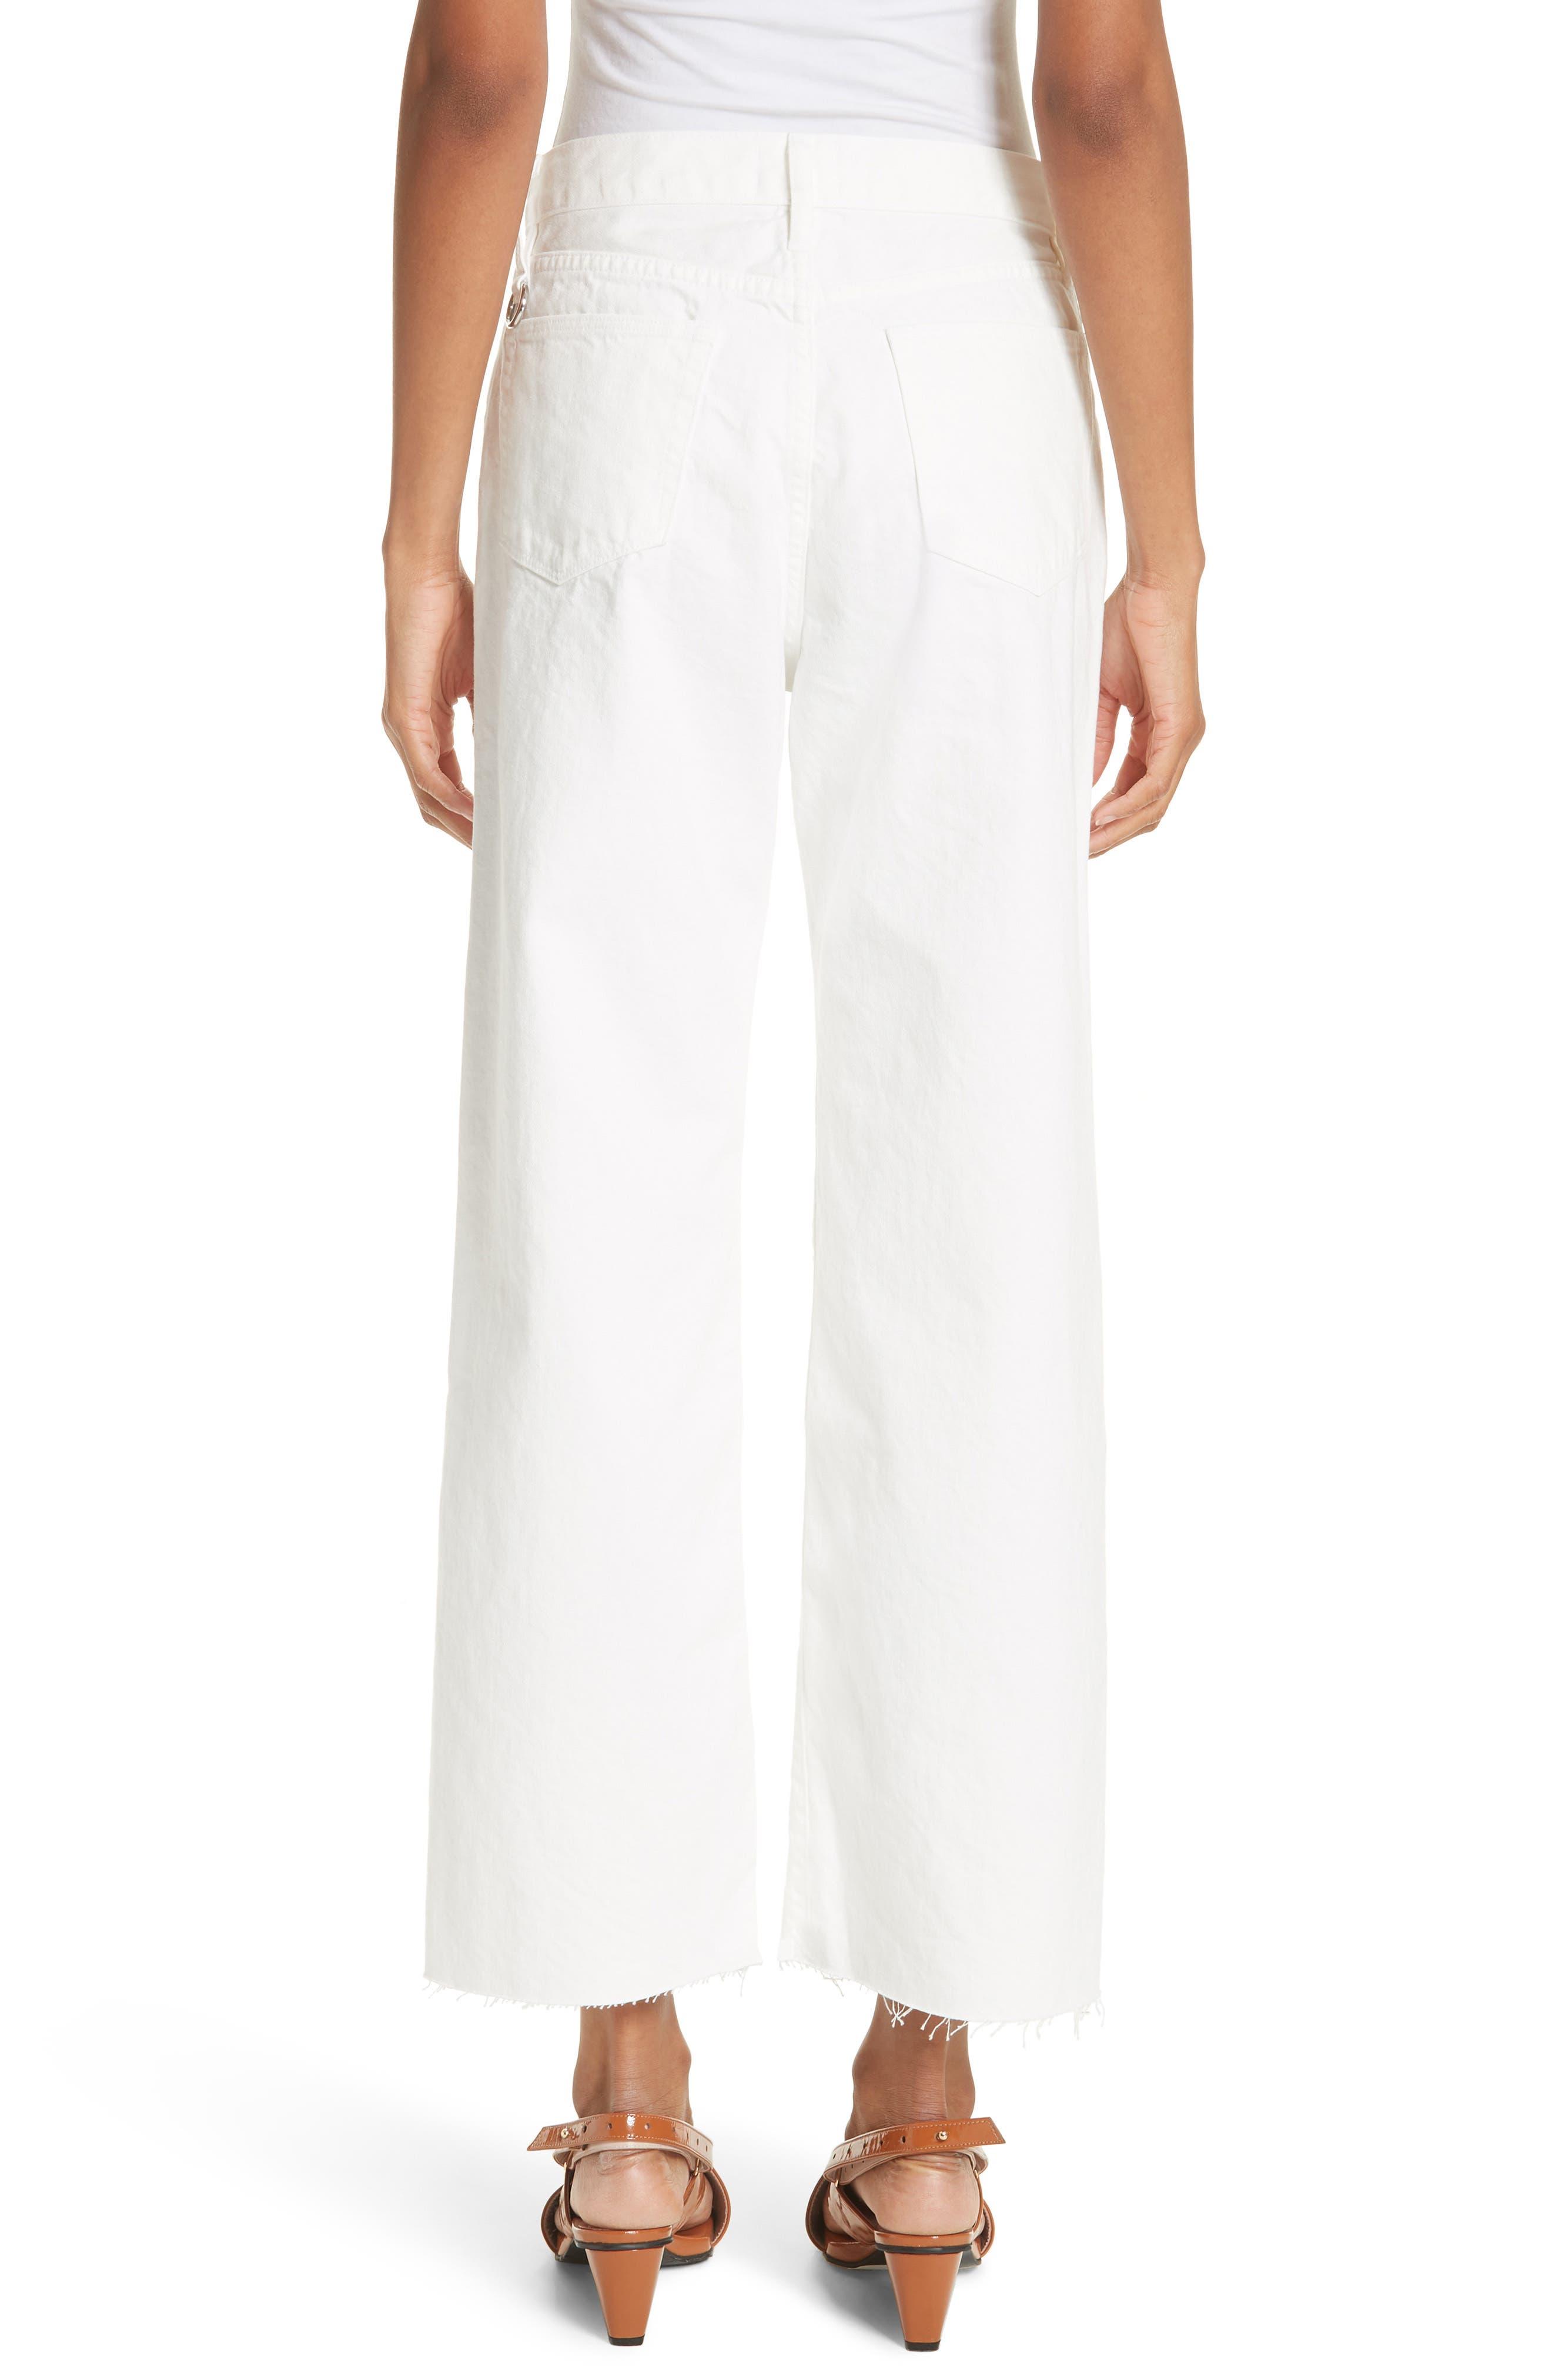 Lamere Wide Leg Crop Jeans,                             Alternate thumbnail 2, color,                             White